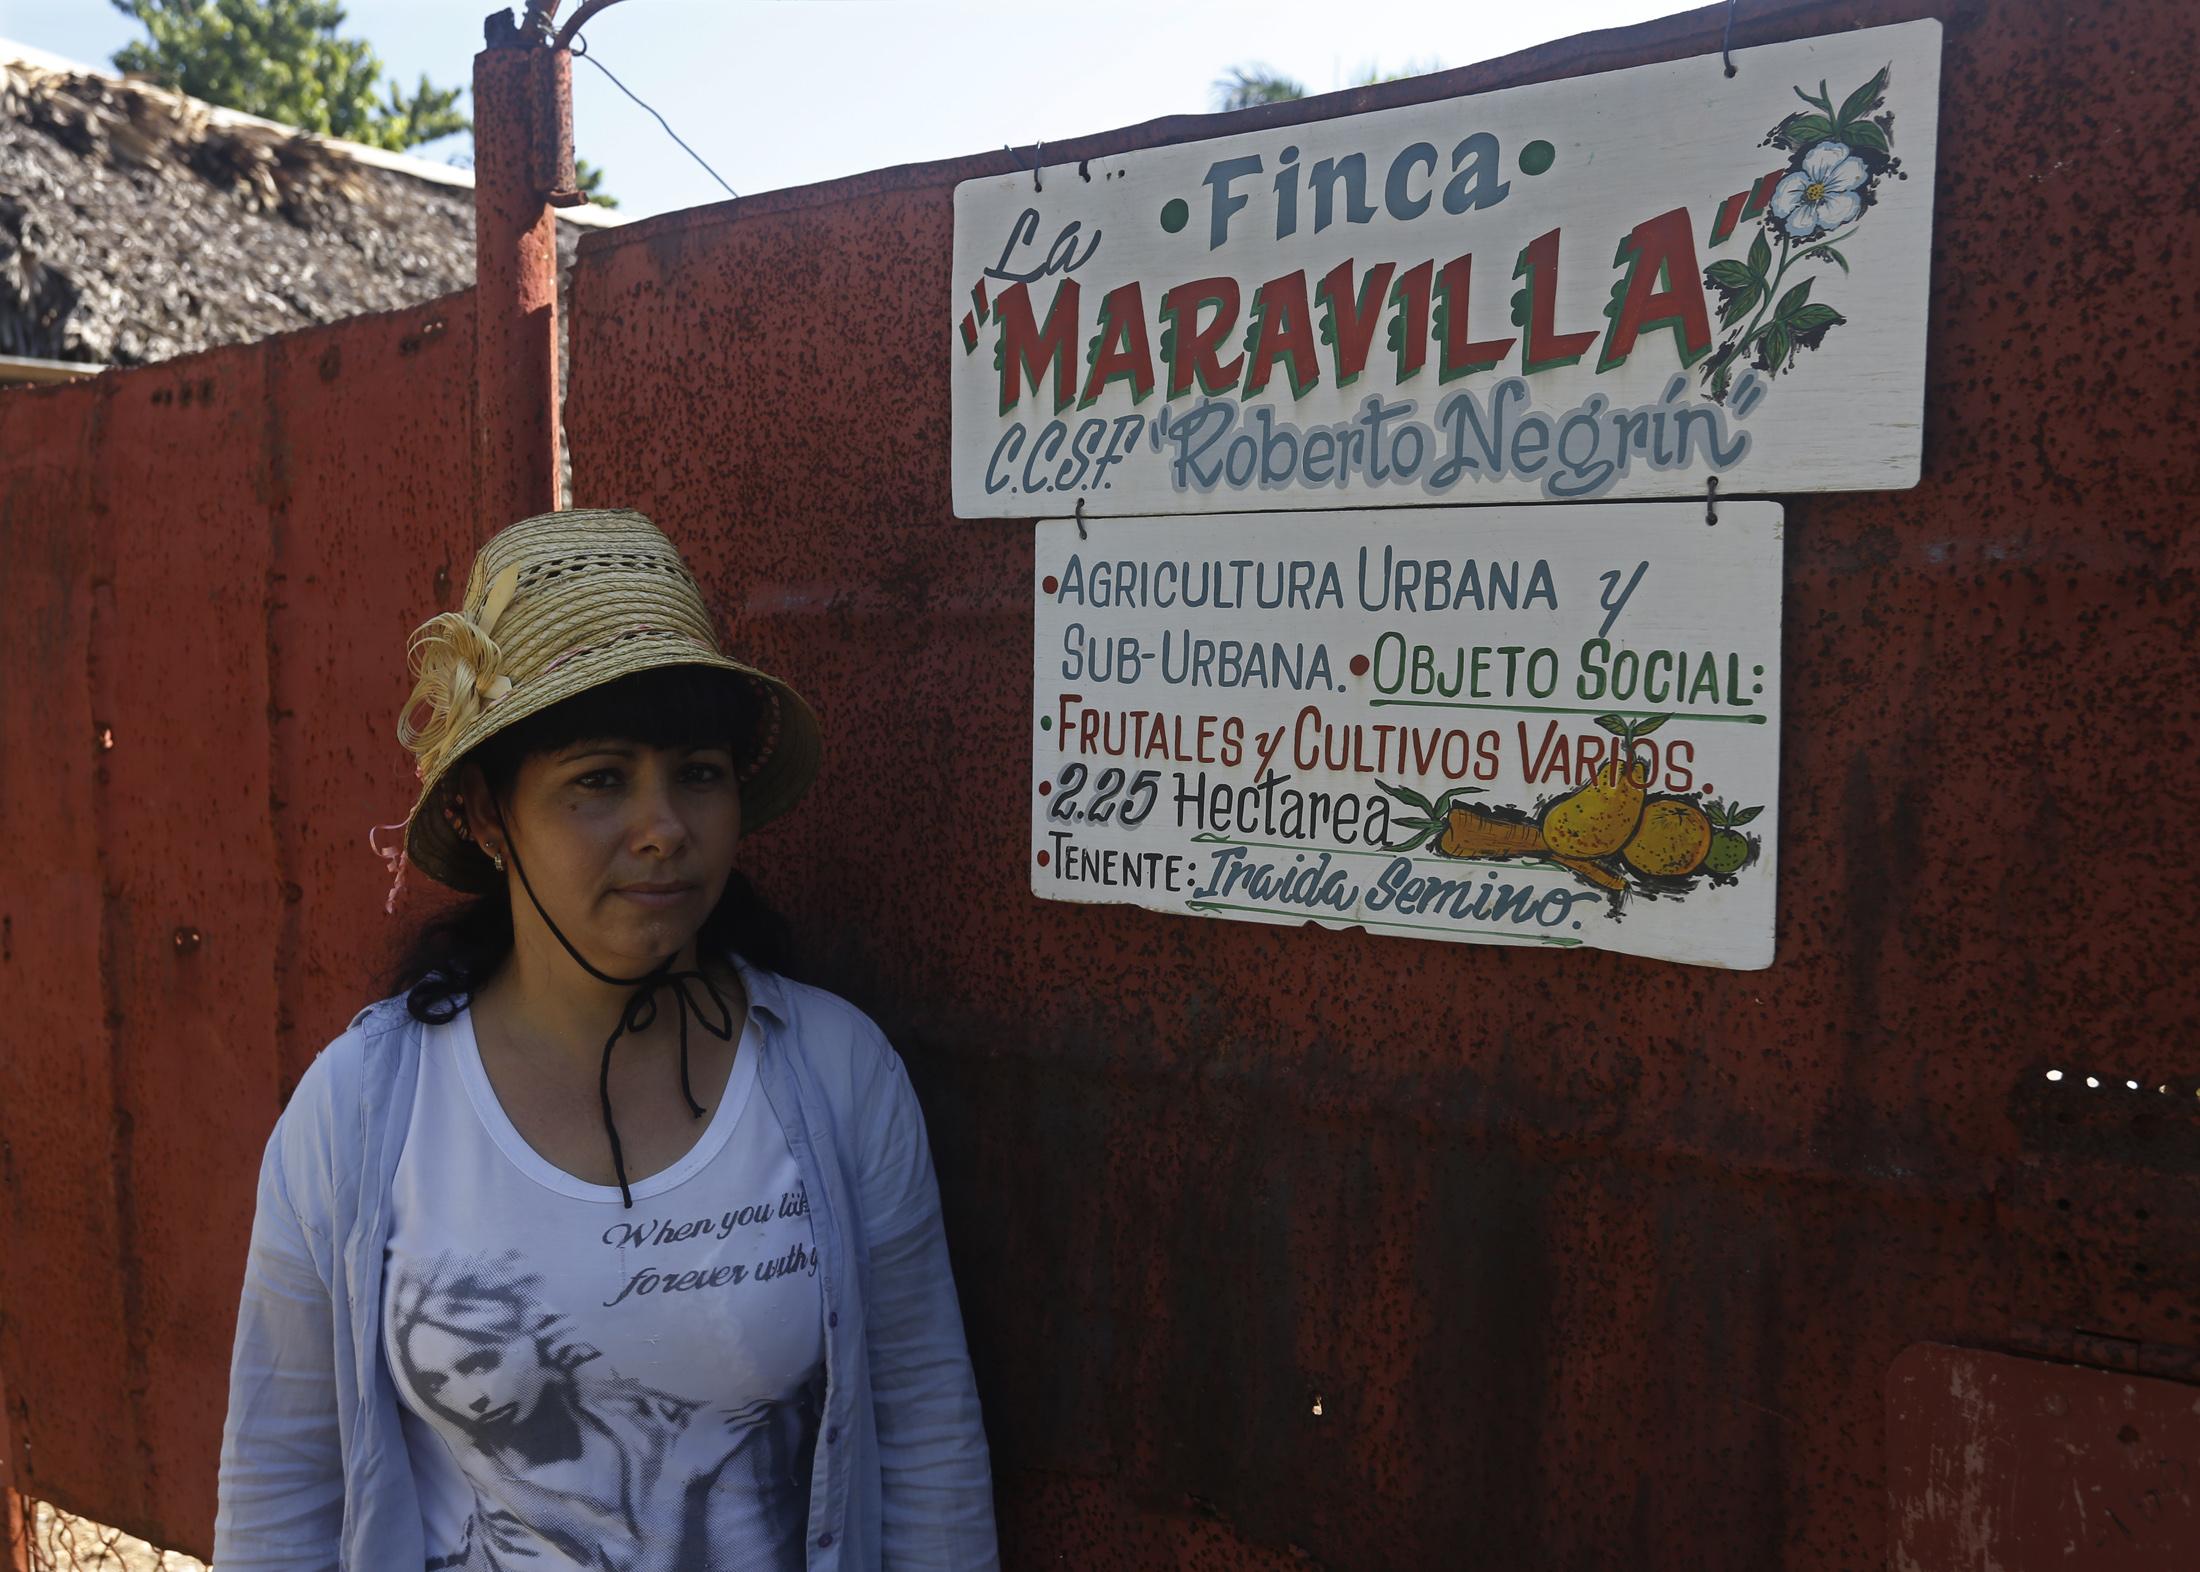 Fidelek iraungo ote duen Kubako agroekologiaren patuak erakutsiko du